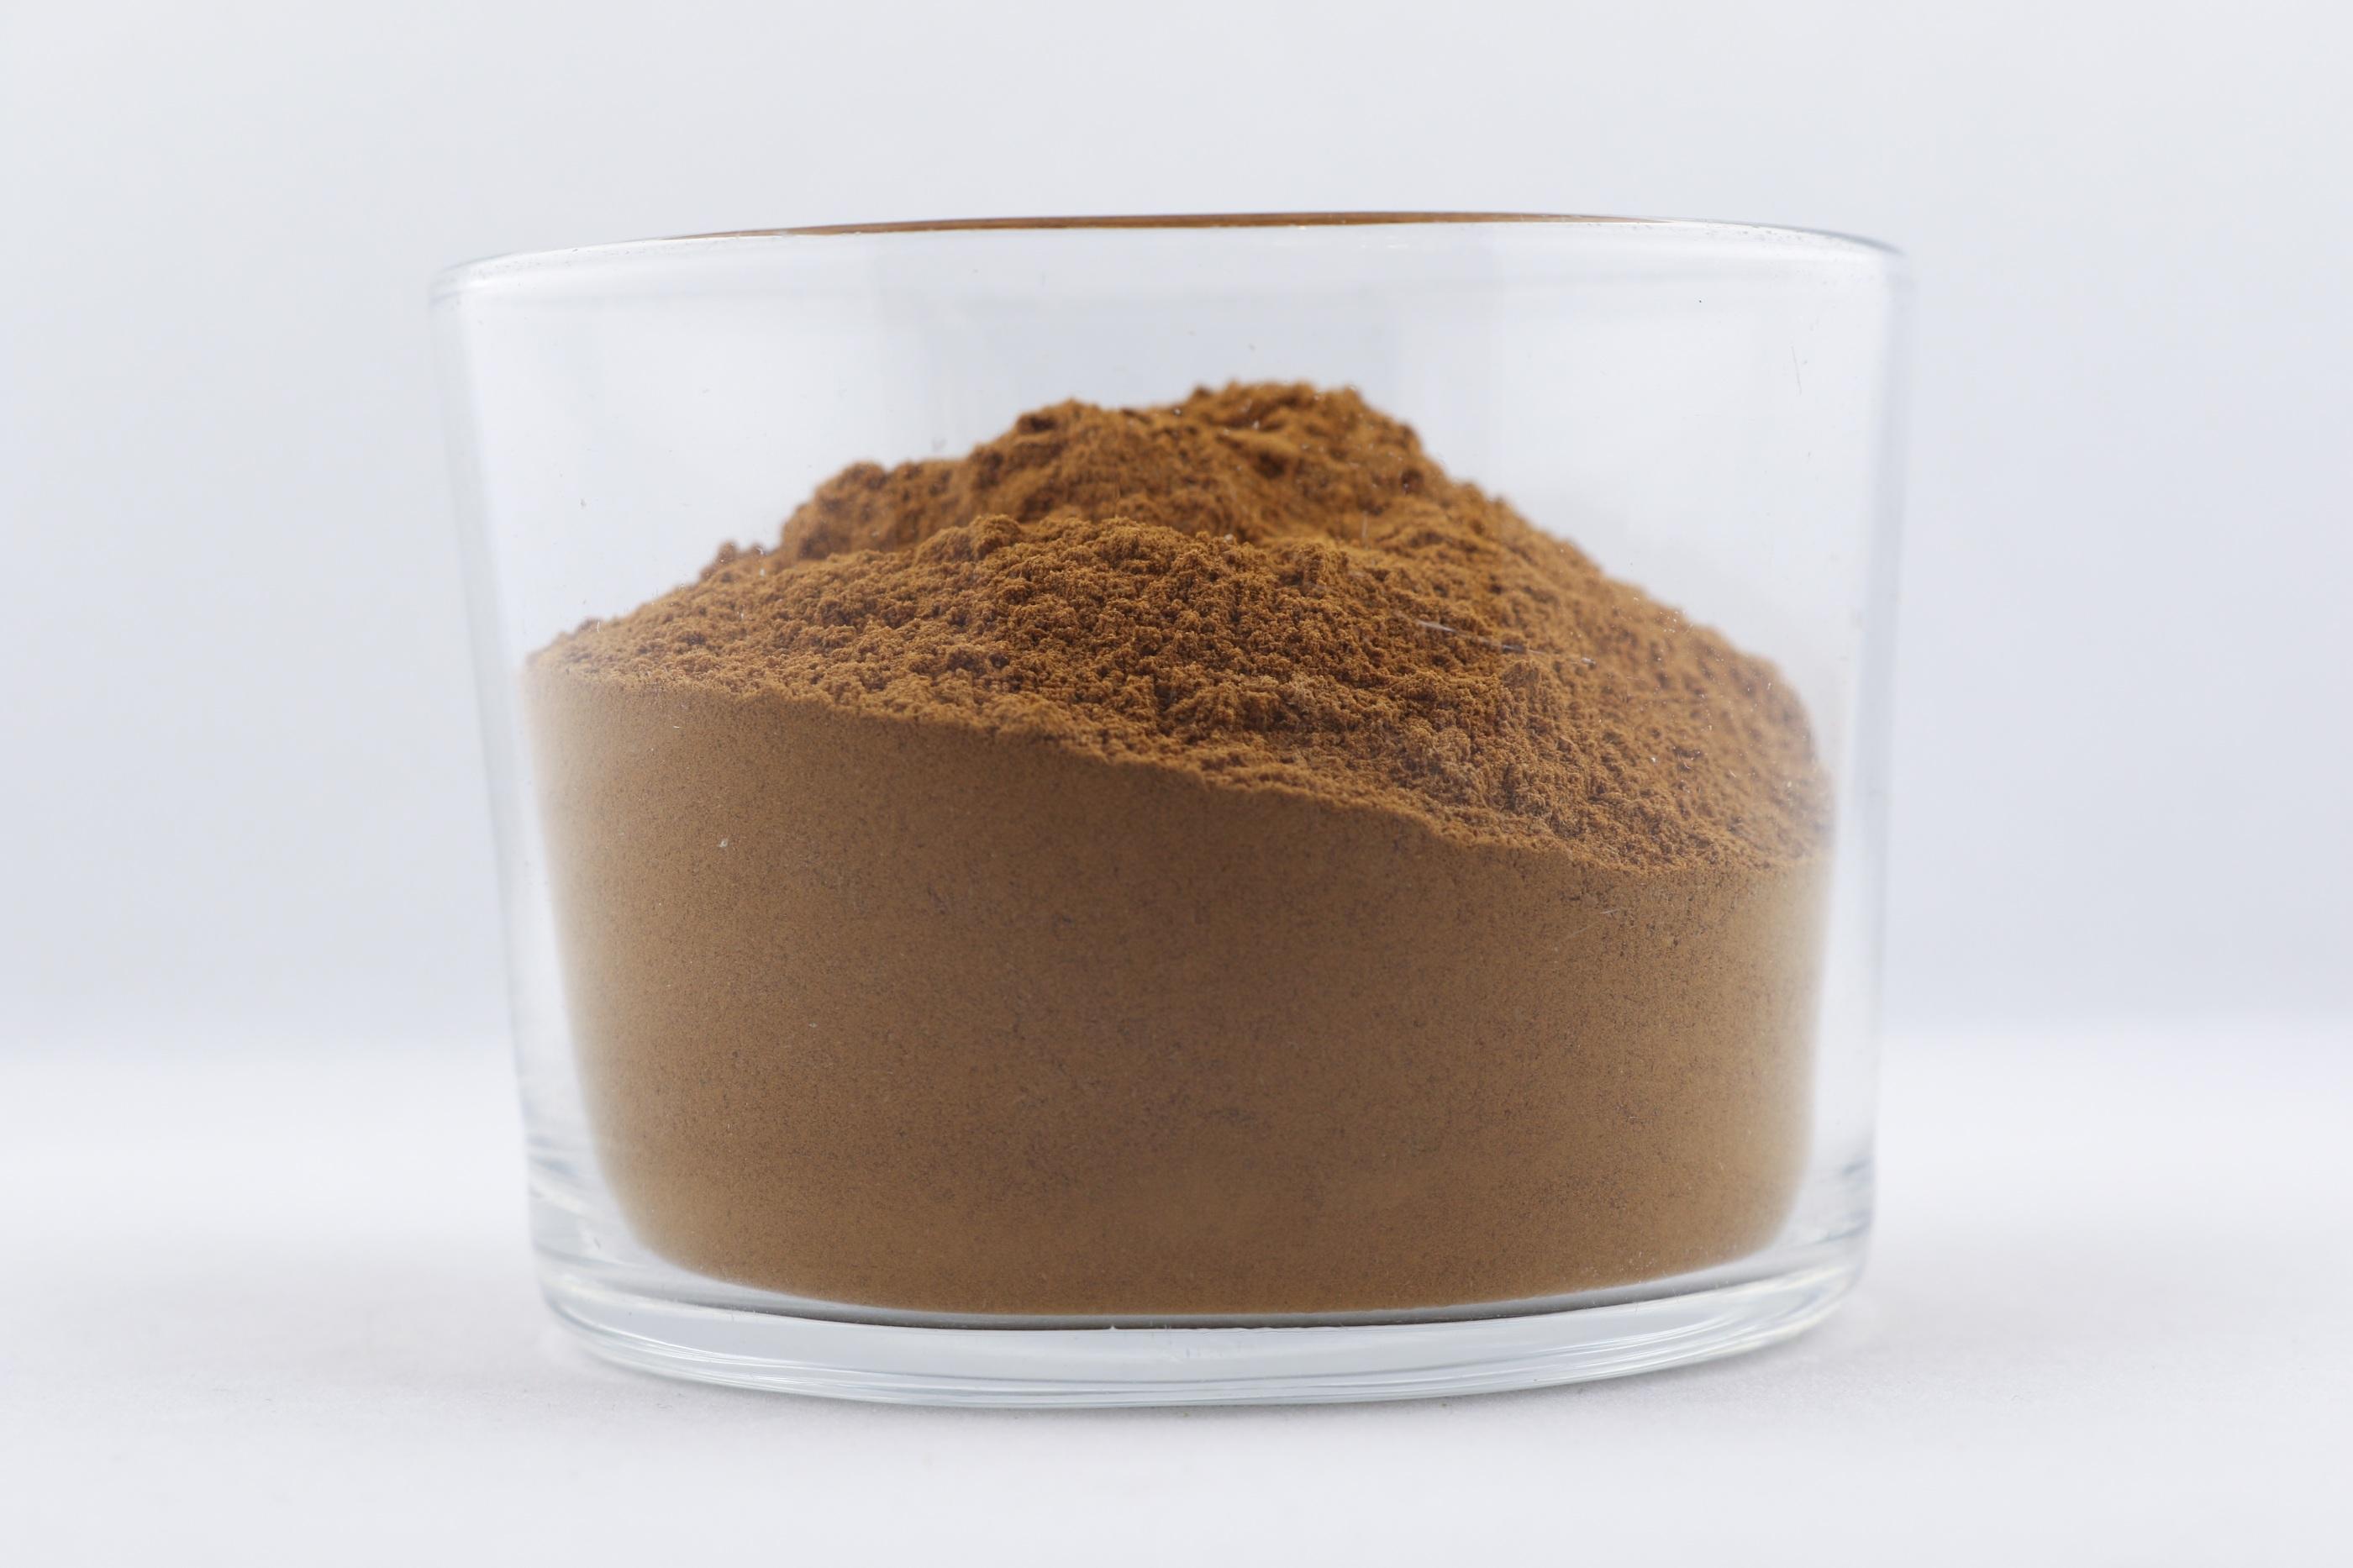 Ceylon kanel wellness ayurveda halmstad sweden svensk krydda lösvikt eko ekologisk